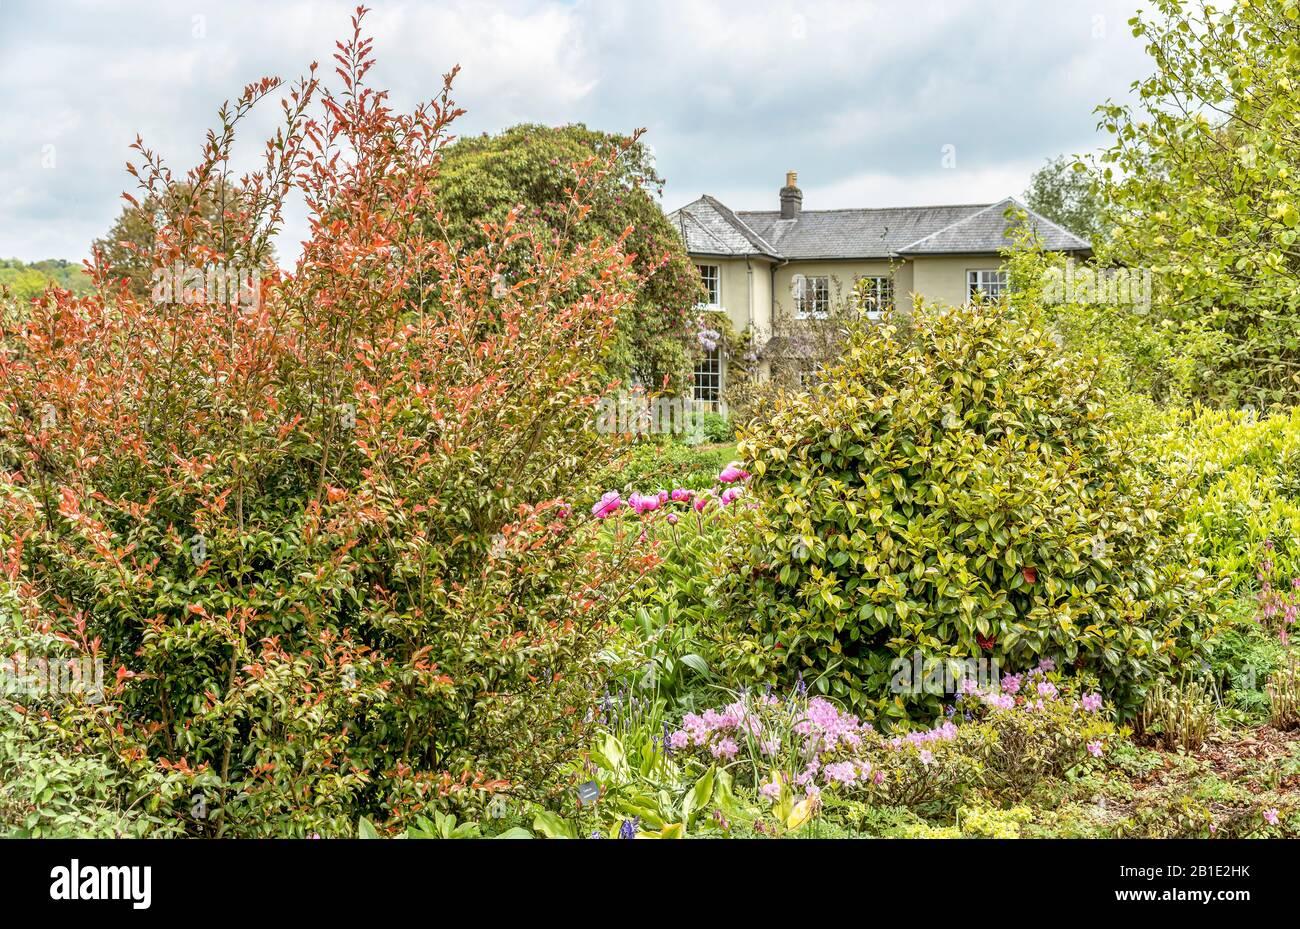 Summer Garden at the The Garden House, Yelverton, Devon, England Stock Photo